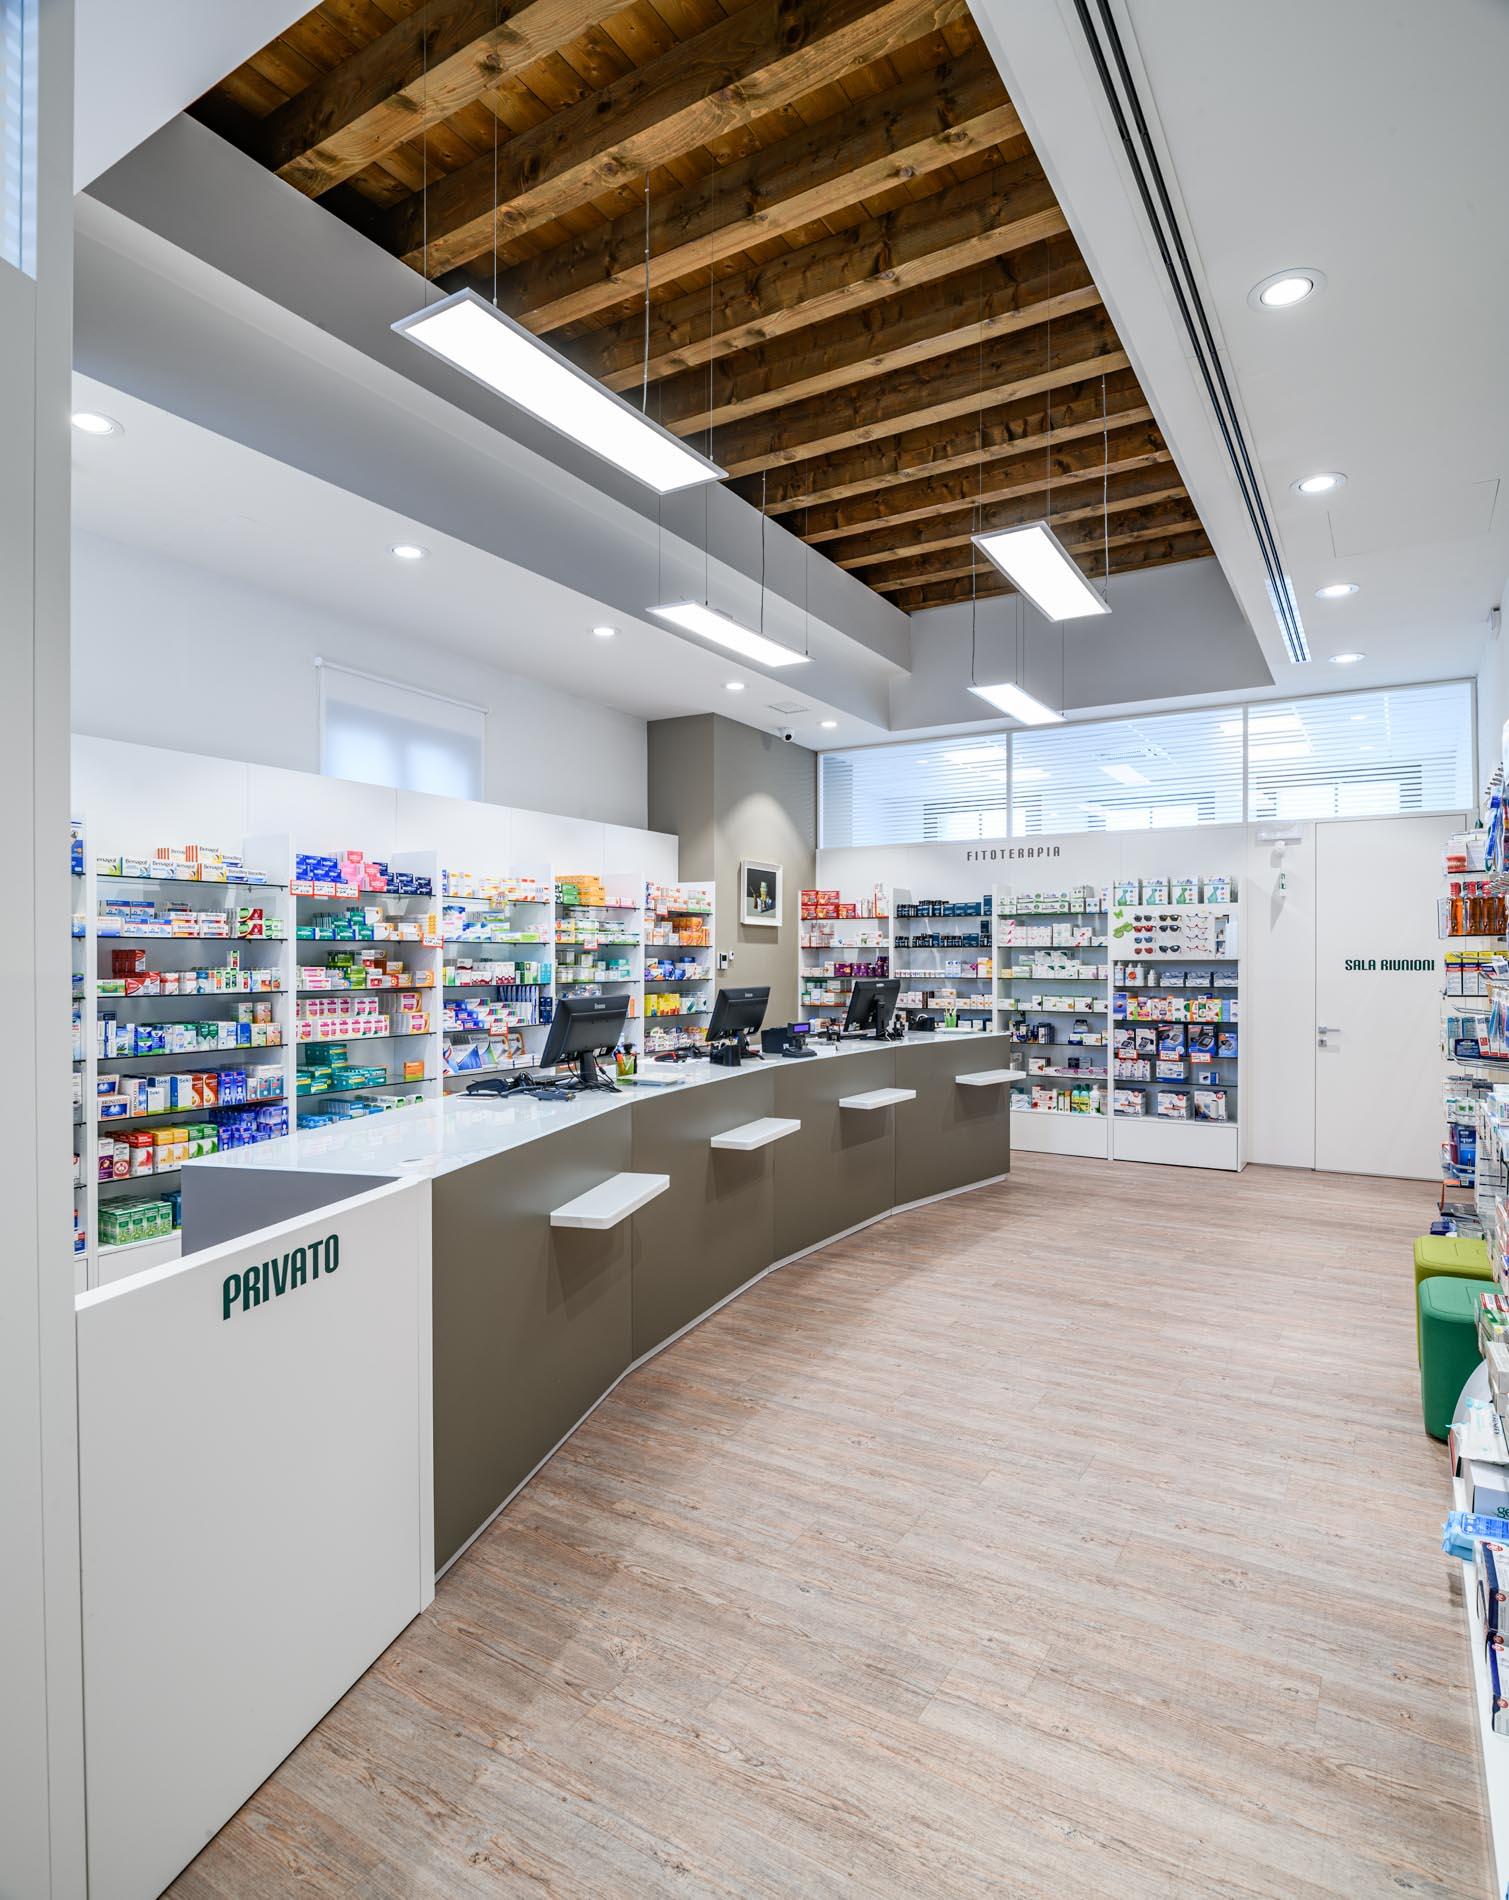 Artupharma – Progettazione interni arredamento farmacie – Dueville 01